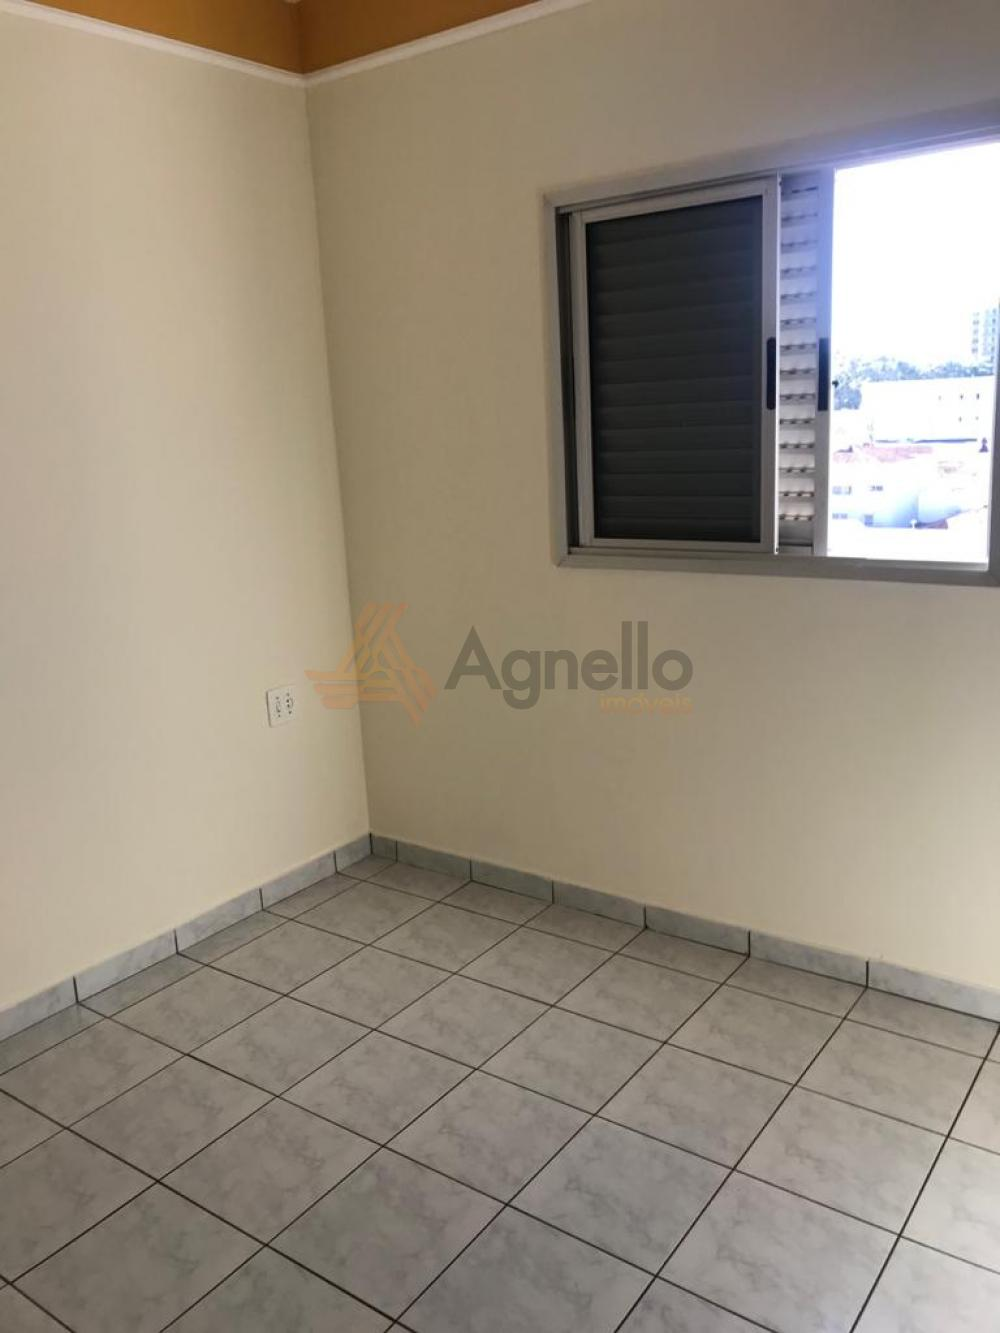 Comprar Apartamento / Padrão em Franca apenas R$ 250.000,00 - Foto 11